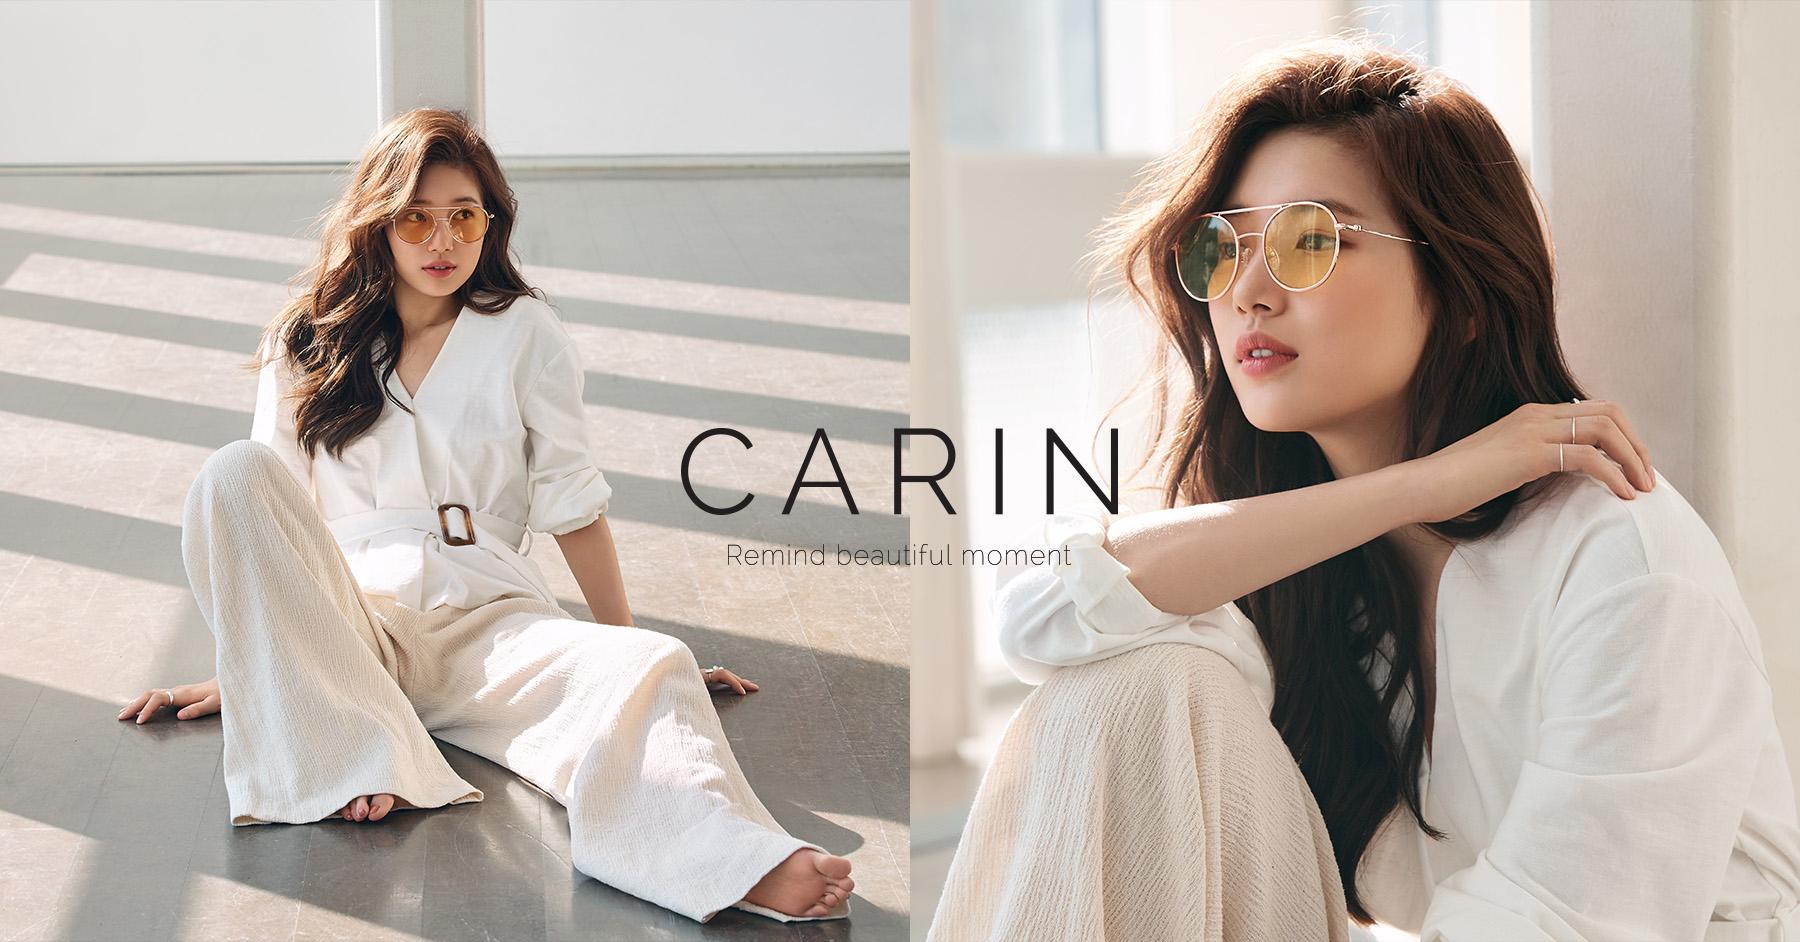 韓國CARIN墨鏡秀智代言|韓劇《浪客行》又譯《浪行驚爆點》同款墨鏡